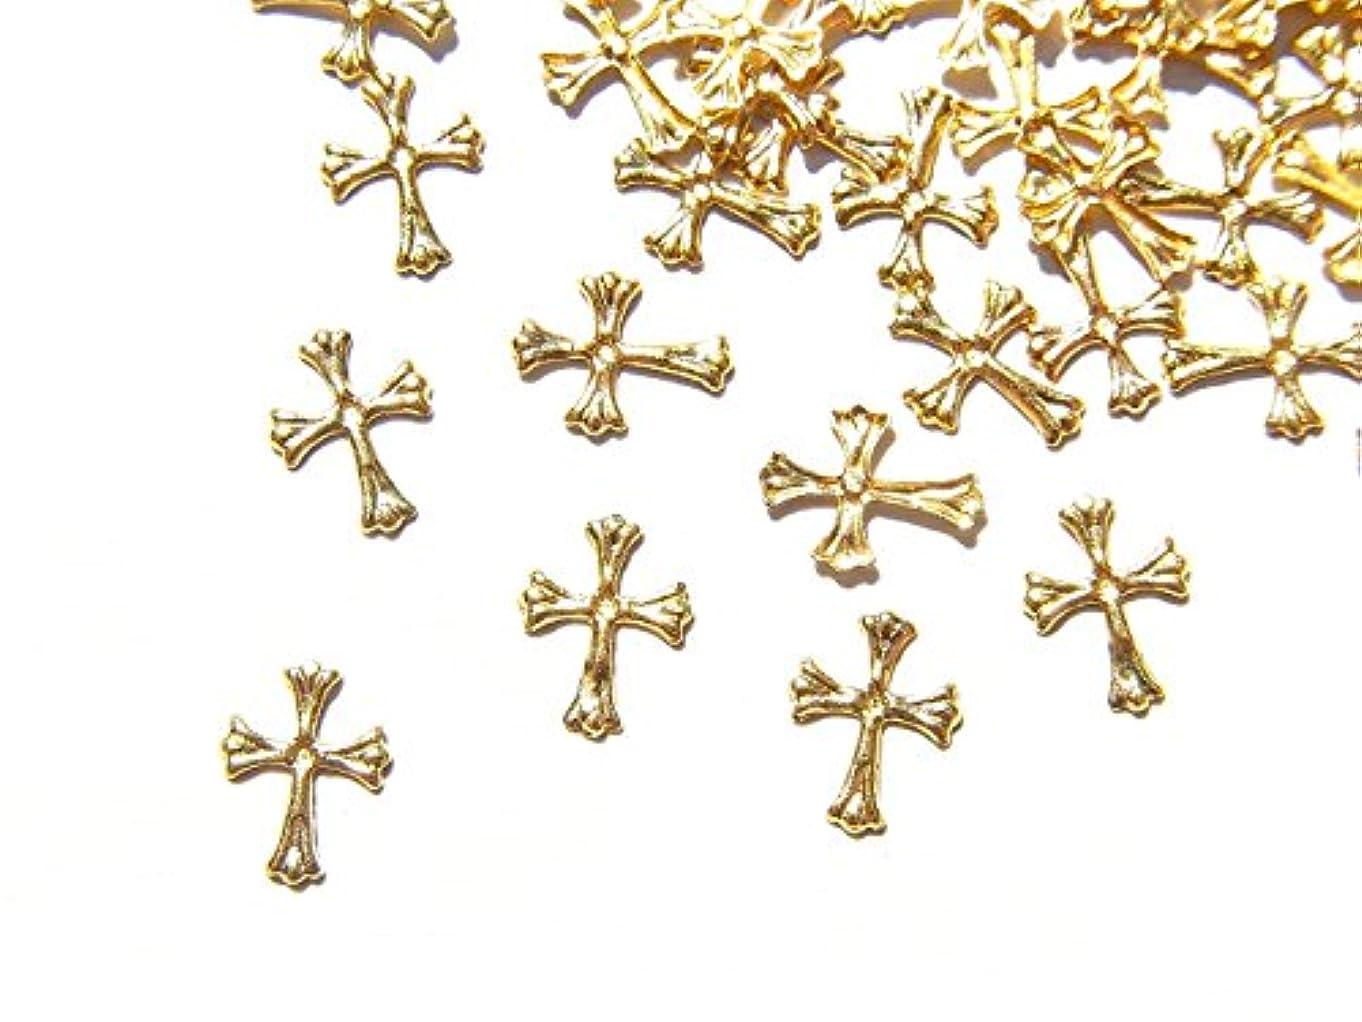 松インド徒歩で【jewel】ゴールド メタルパーツ クロス (十字架) 10個入り 6mm×4mm 手芸 材料 レジン ネイルアート パーツ 素材